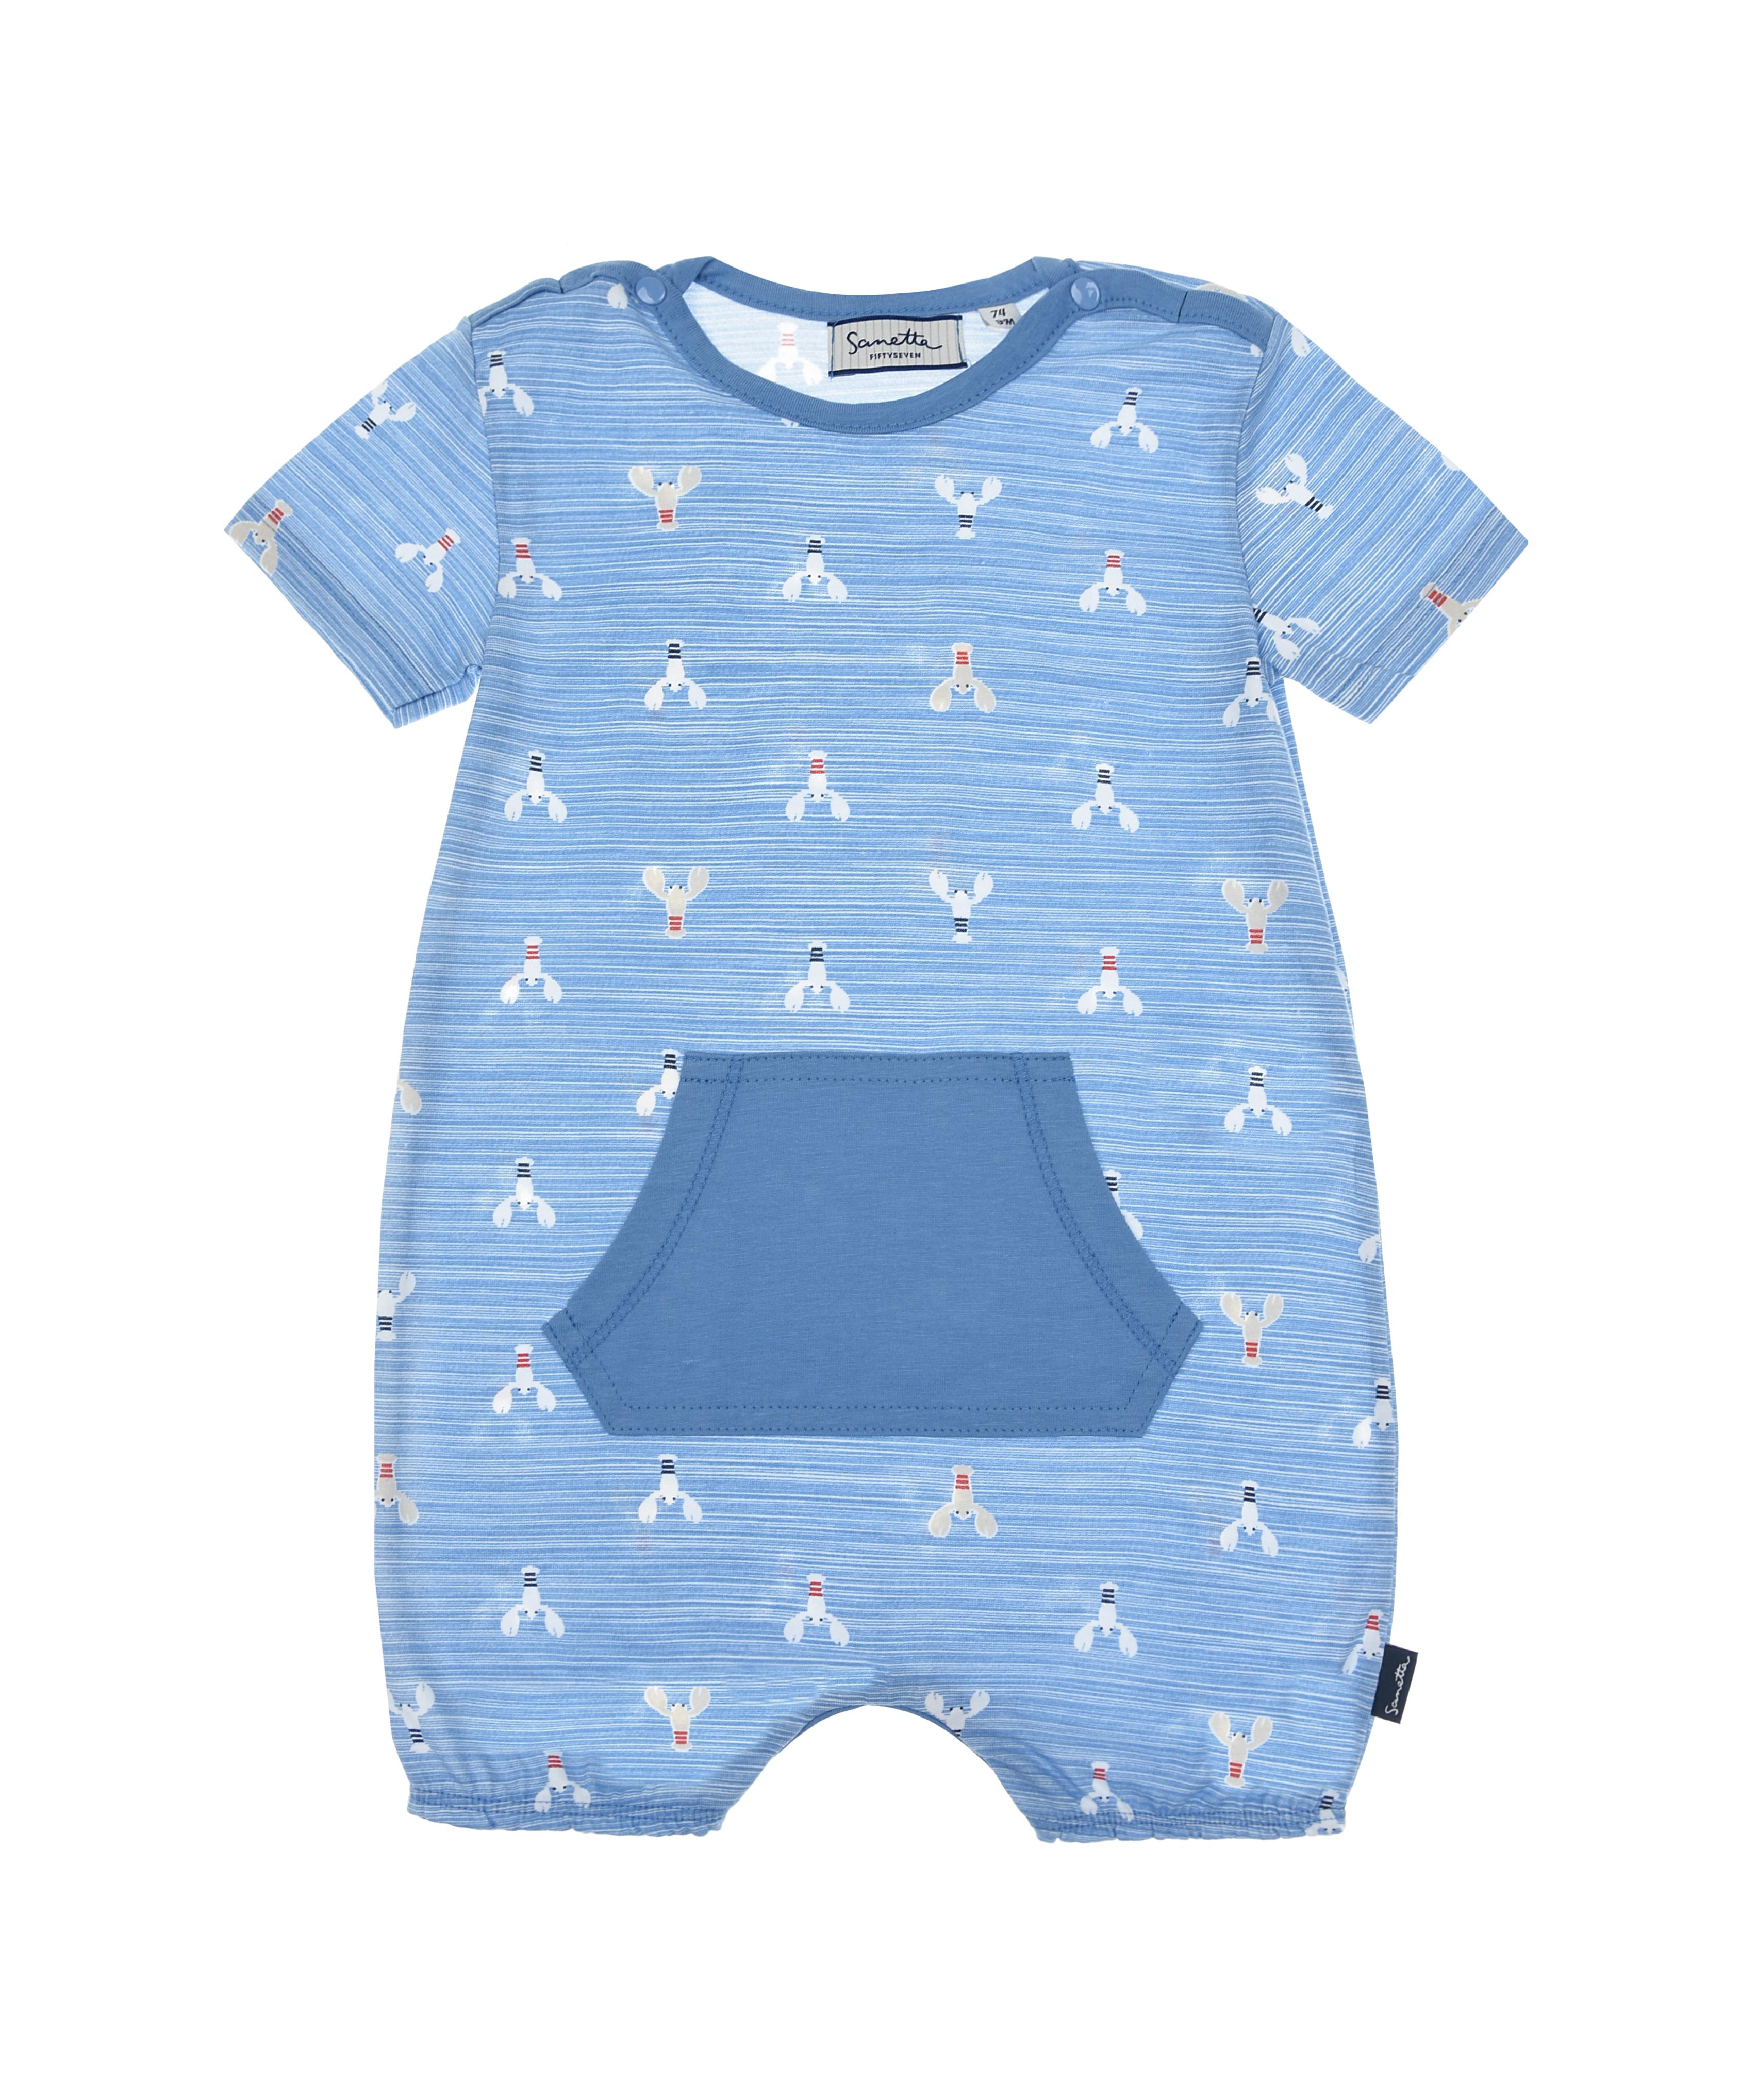 Купить Песочник голубого цвета с принтом раки Sanetta fiftyseven детский, Синий, 100%хлопок